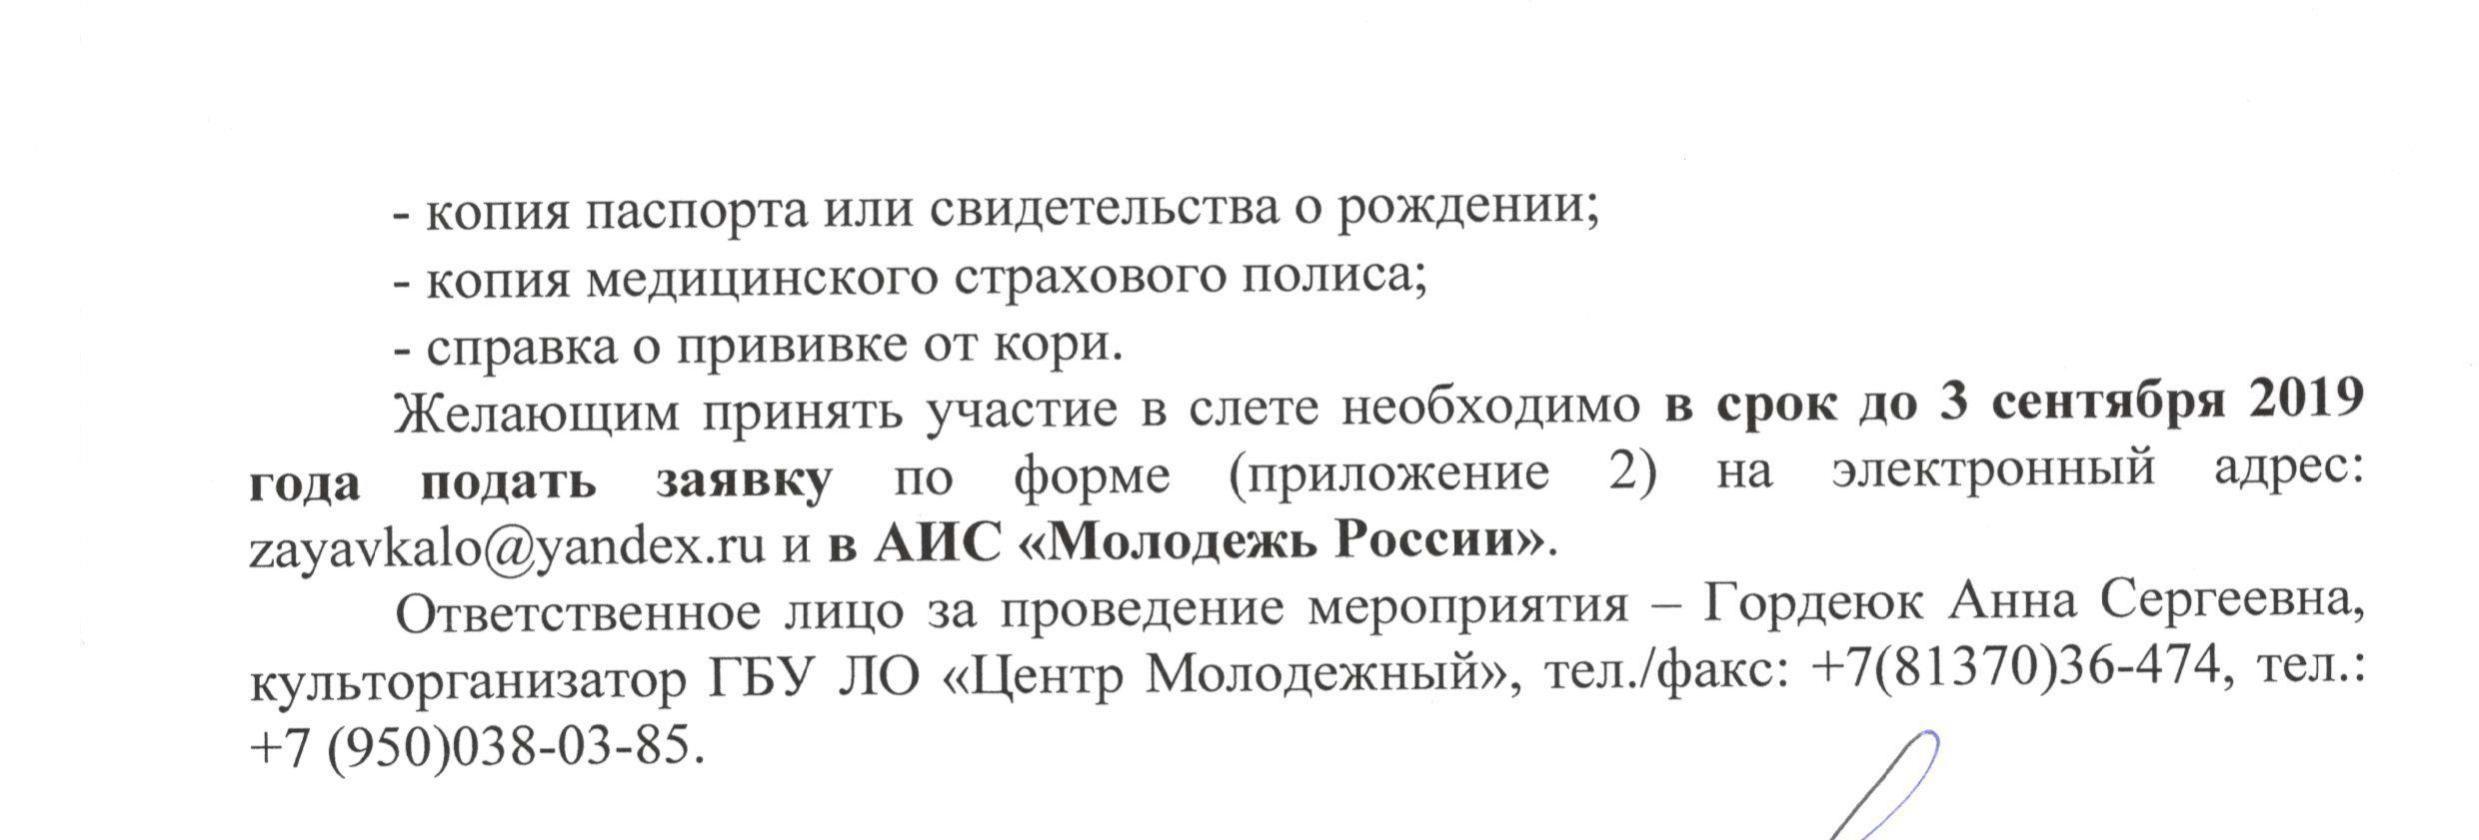 рассылка о проведении слета_02